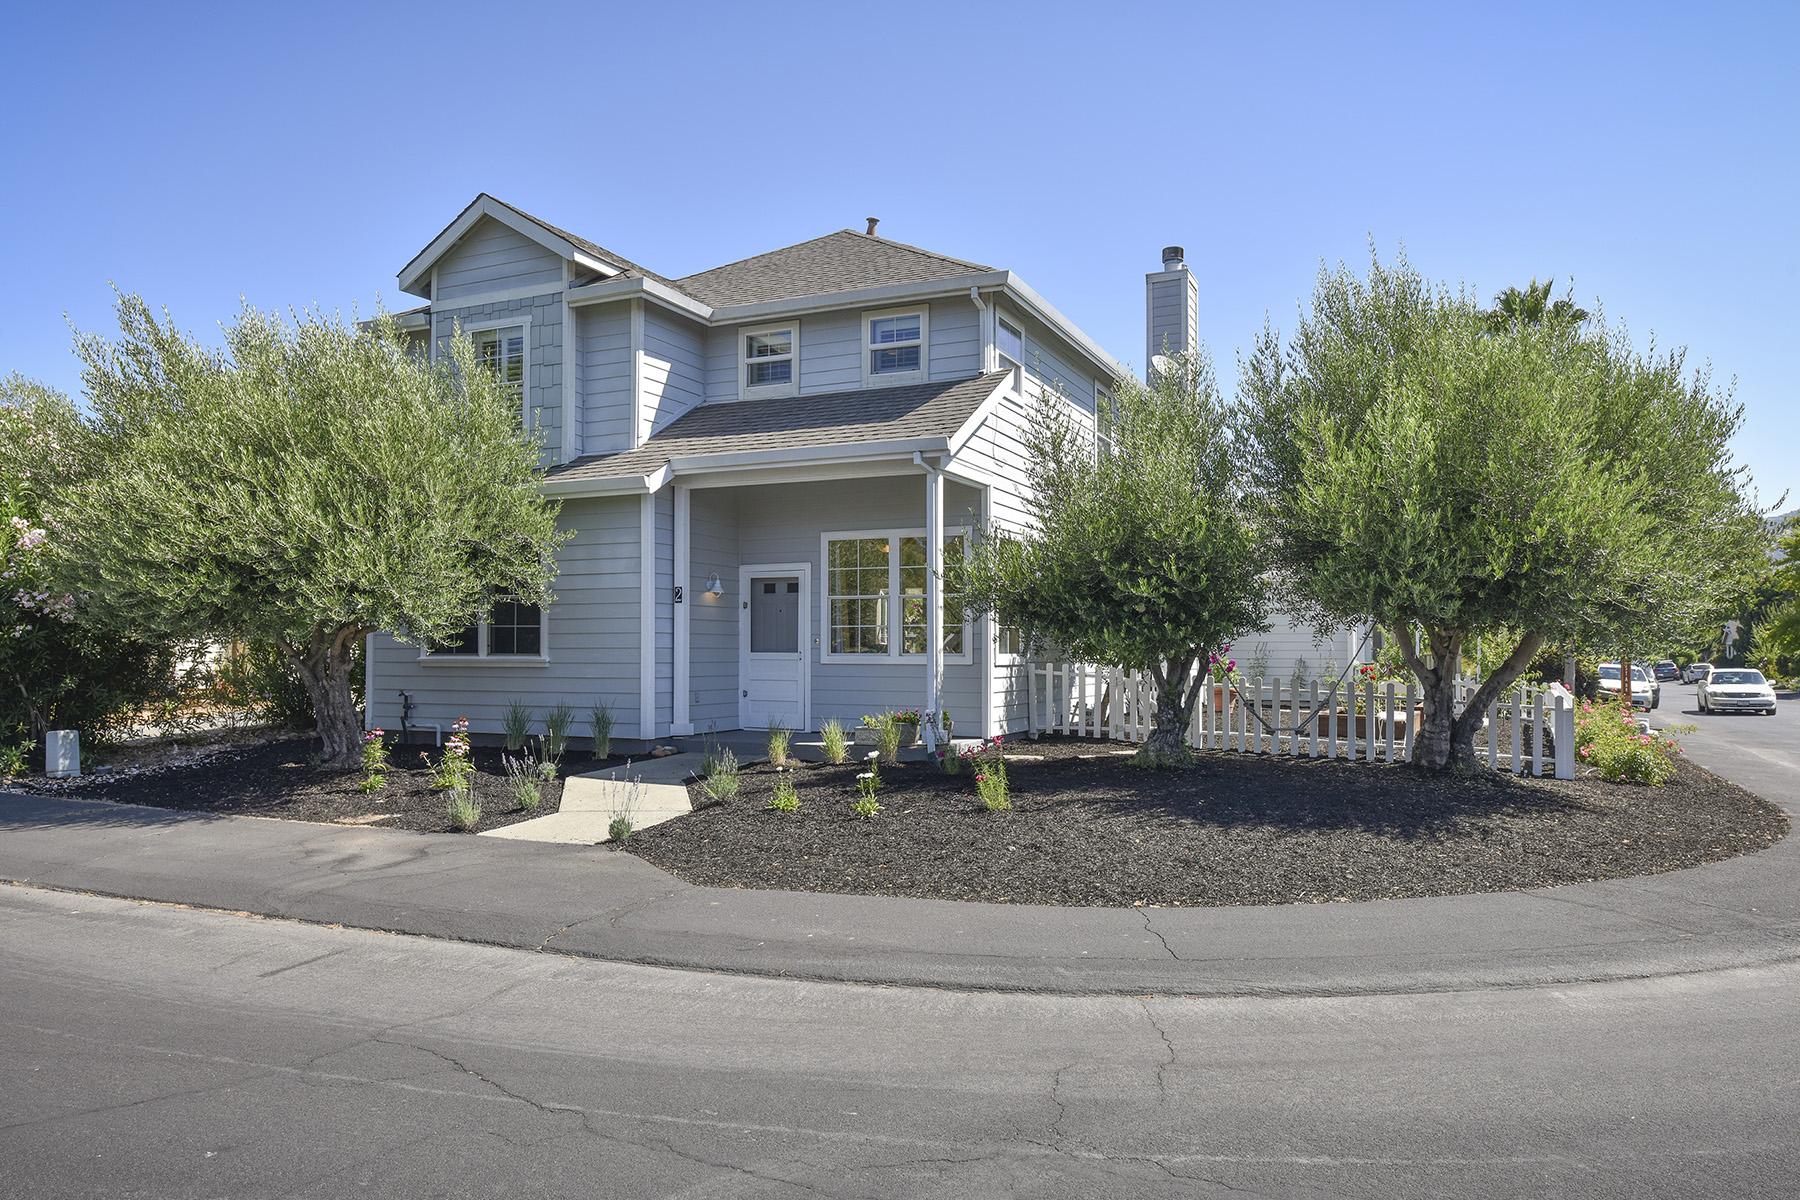 단독 가정 주택 용 매매 에 2 Foxglove Ln, Yountville, CA 94599 2 Foxglove Ln Yountville, 캘리포니아, 94599 미국